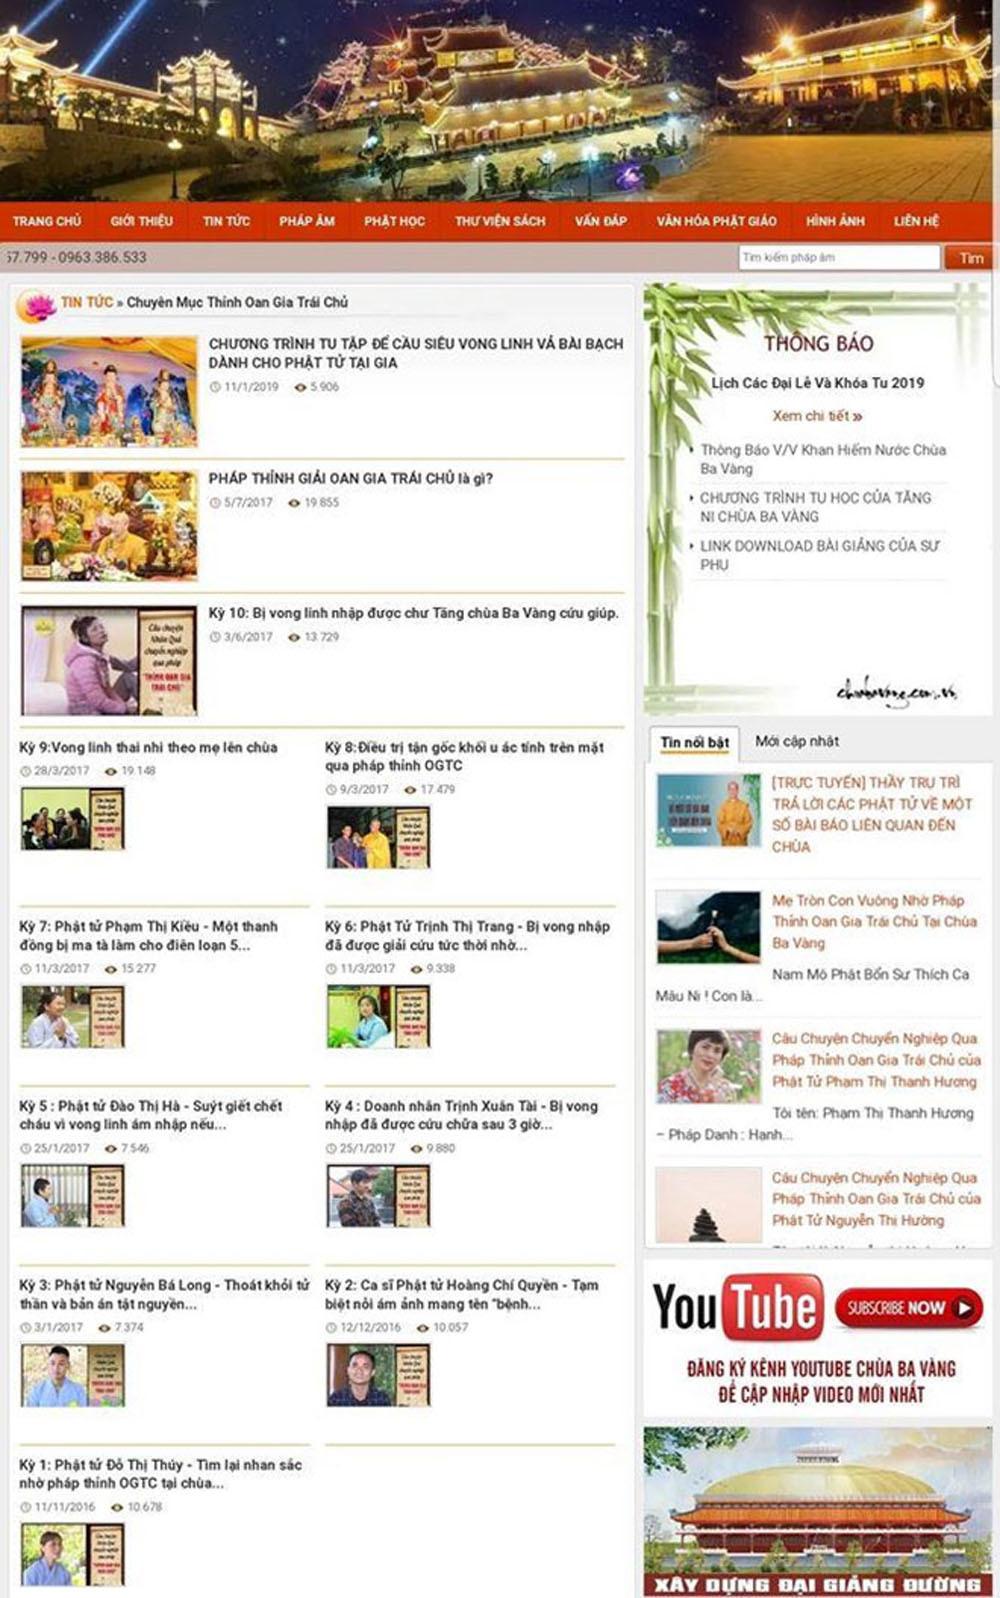 Hàng trăm bài viết và số tài khoản ngân hàng chùa Ba Vàng biến mất